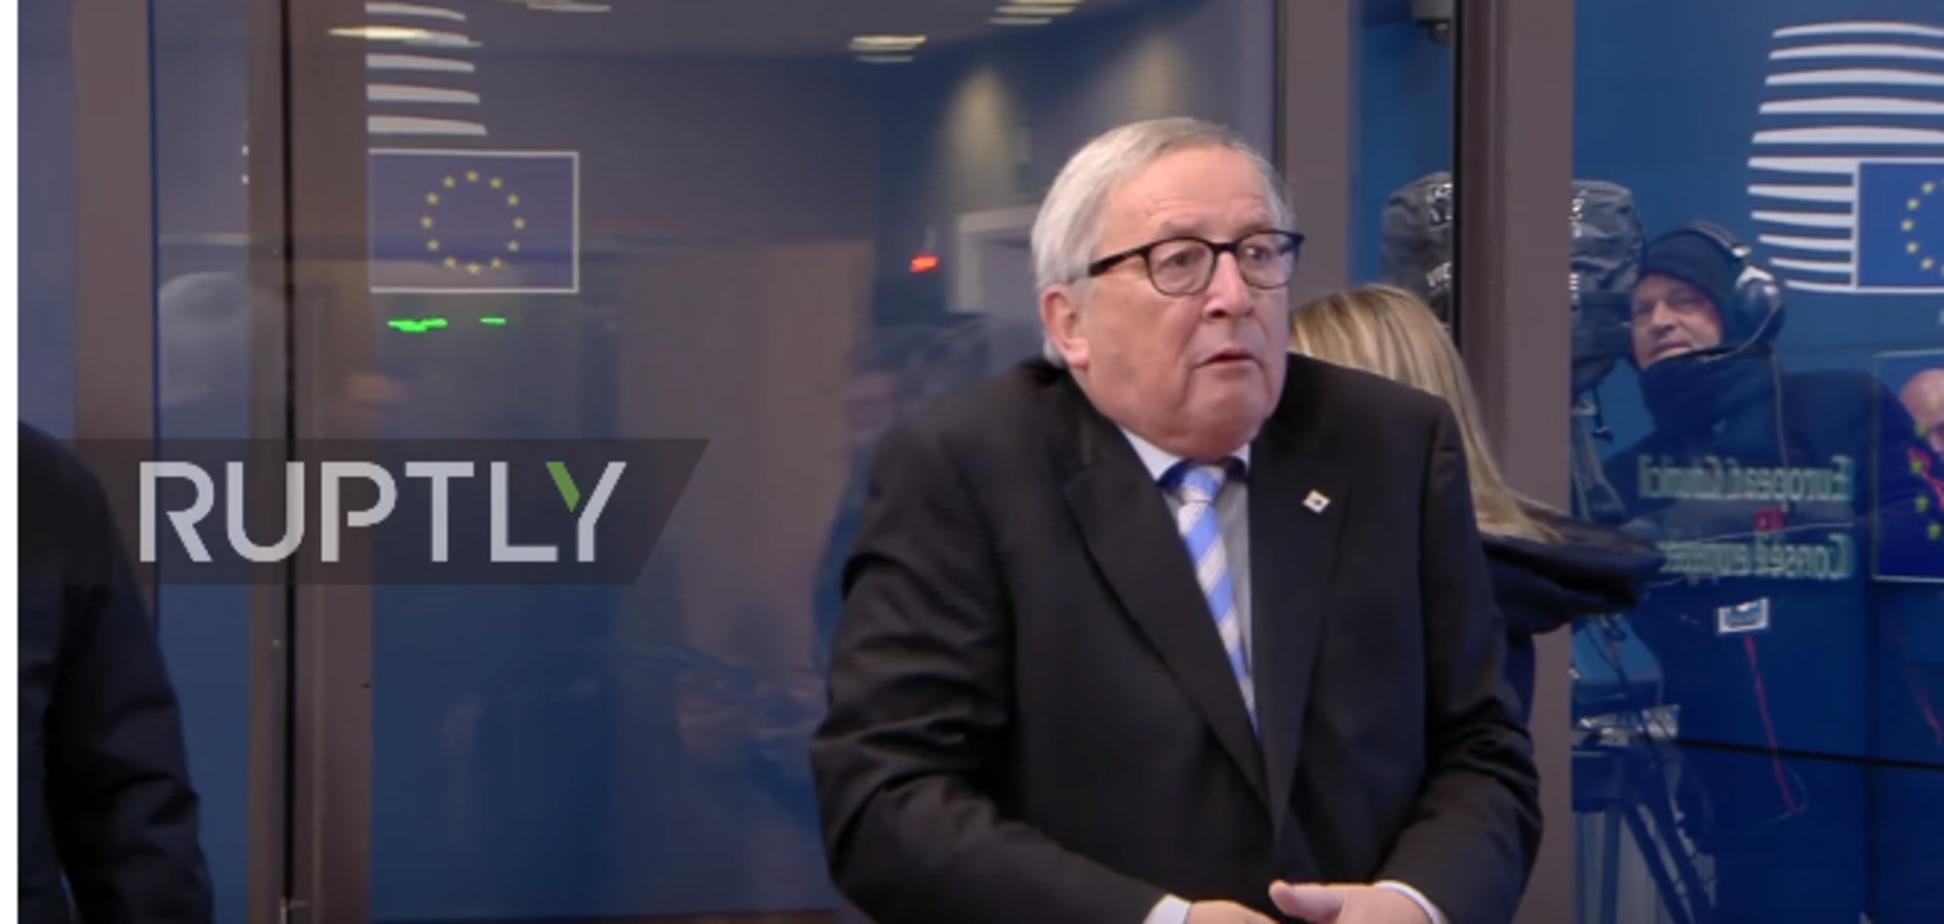 Юнкер дивно повівся на саміті лідерів ЄС: курйозне відео